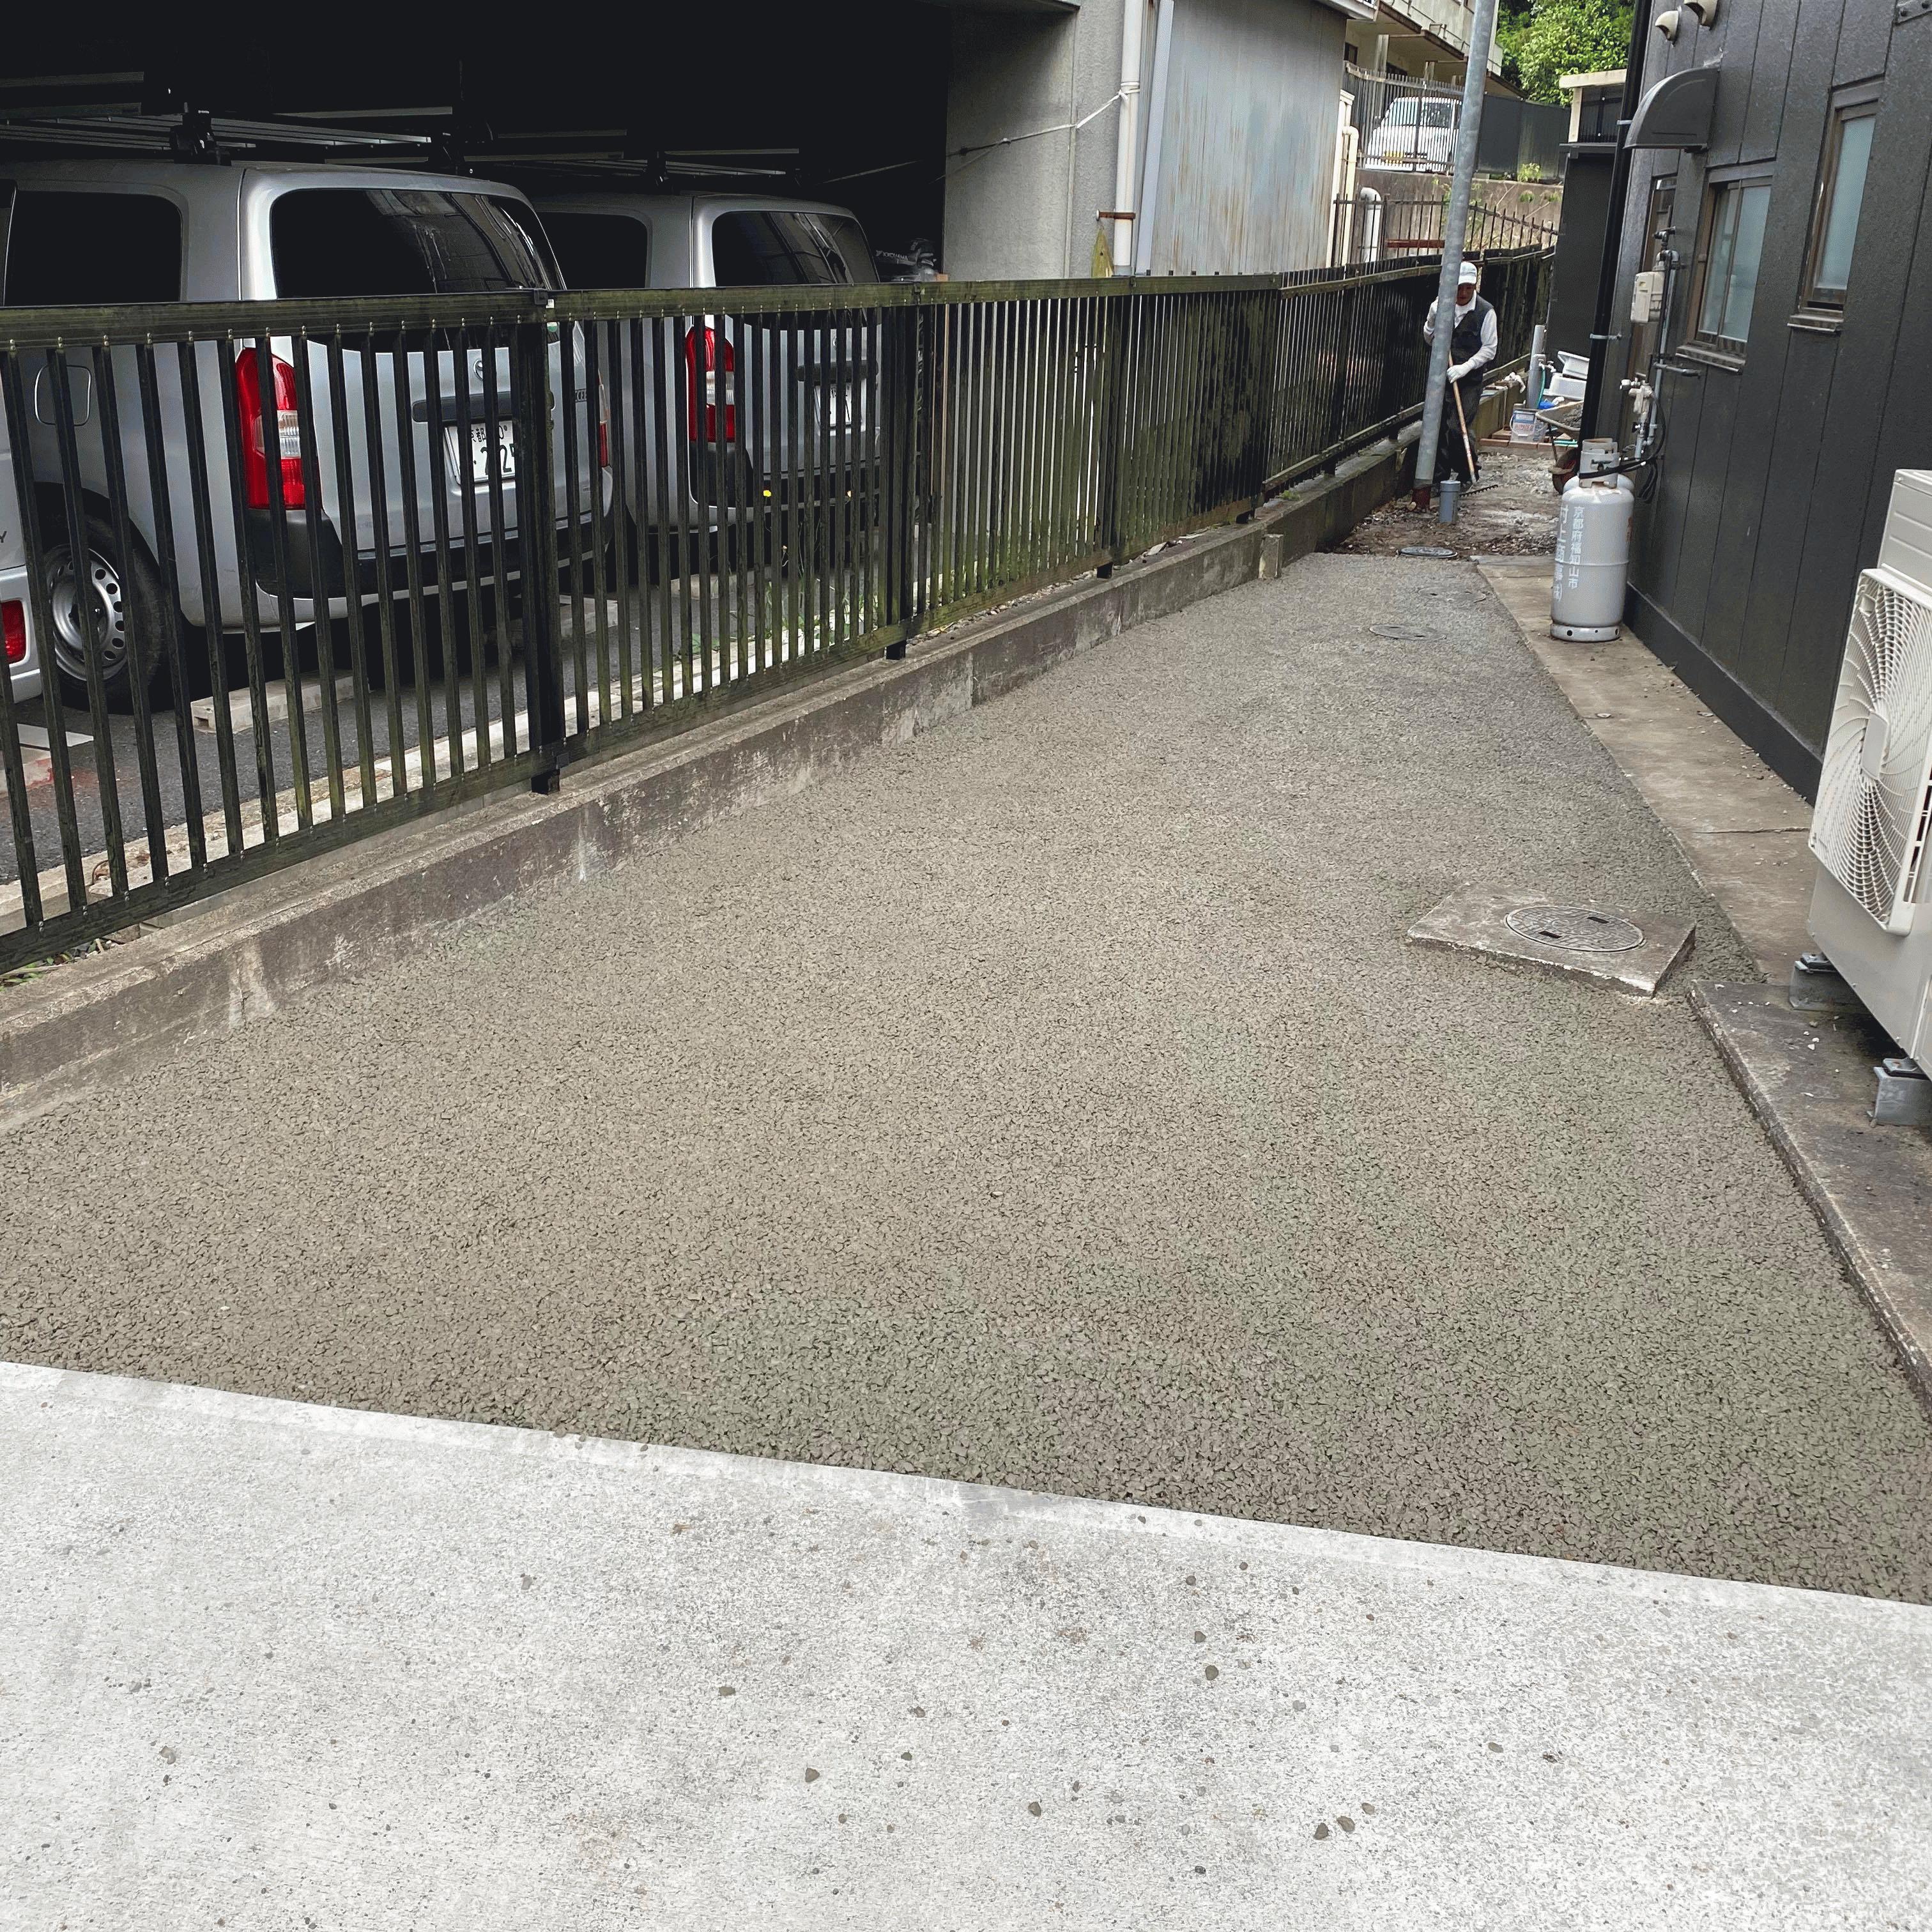 【京都】「人気テレビ番組《せやねん》スマイル工務店でも採用?!」ガーデンジャム・エクステリア・キャンプ・DIY